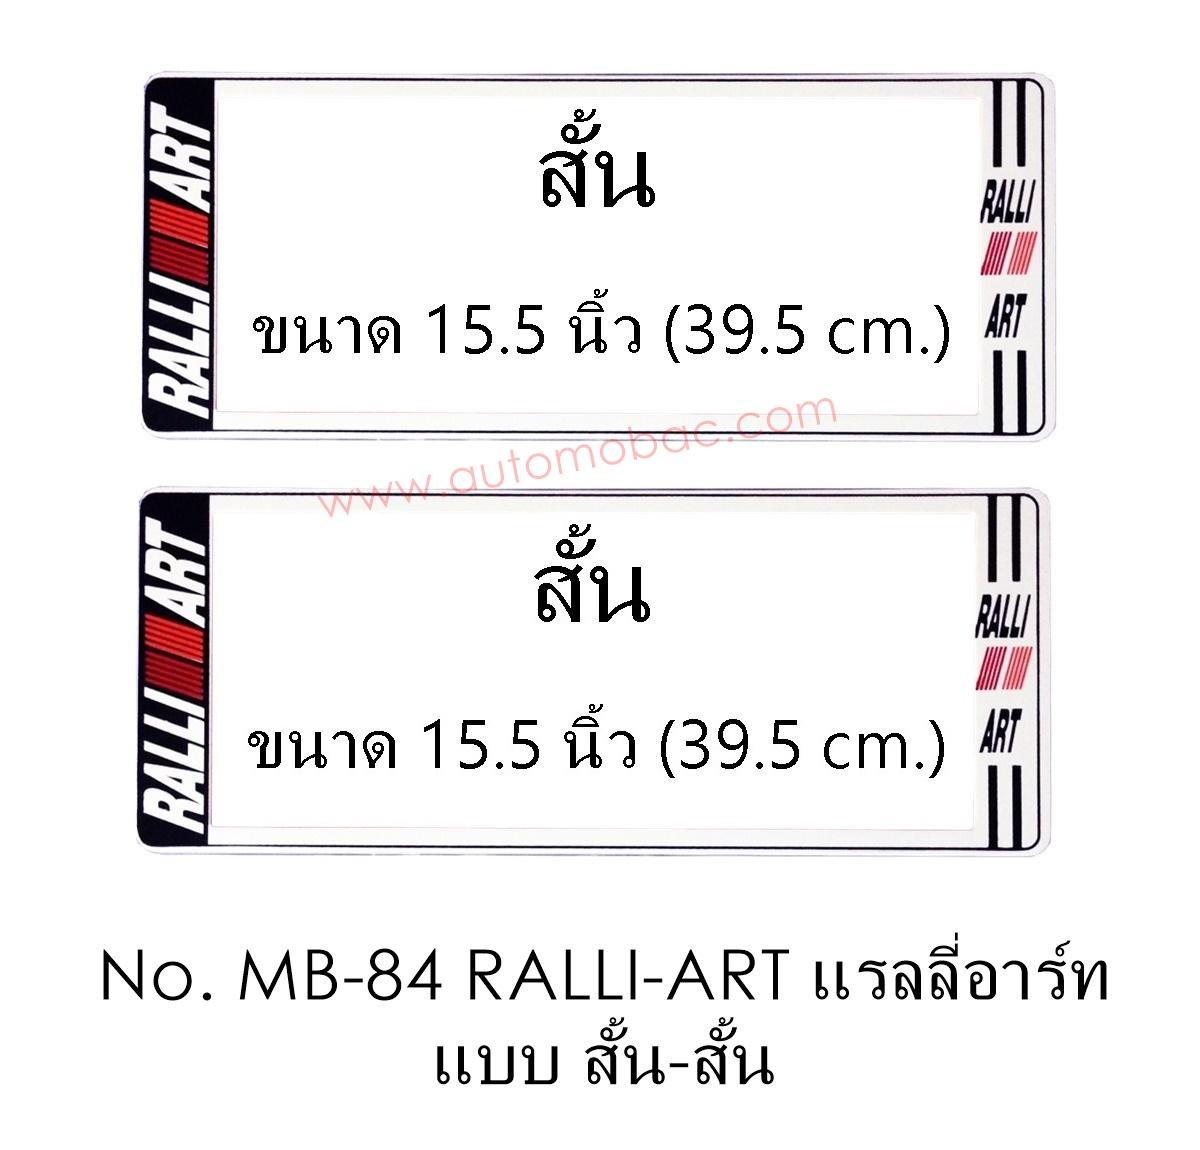 กรอบป้ายทะเบียนรถยนต์ กันน้ำ MB-84 RALLI-ART แรลลี่อาท สั้นสั้น ไม่มีเส้นกลาง รุ่น A111 มีน็อตอะไหล่